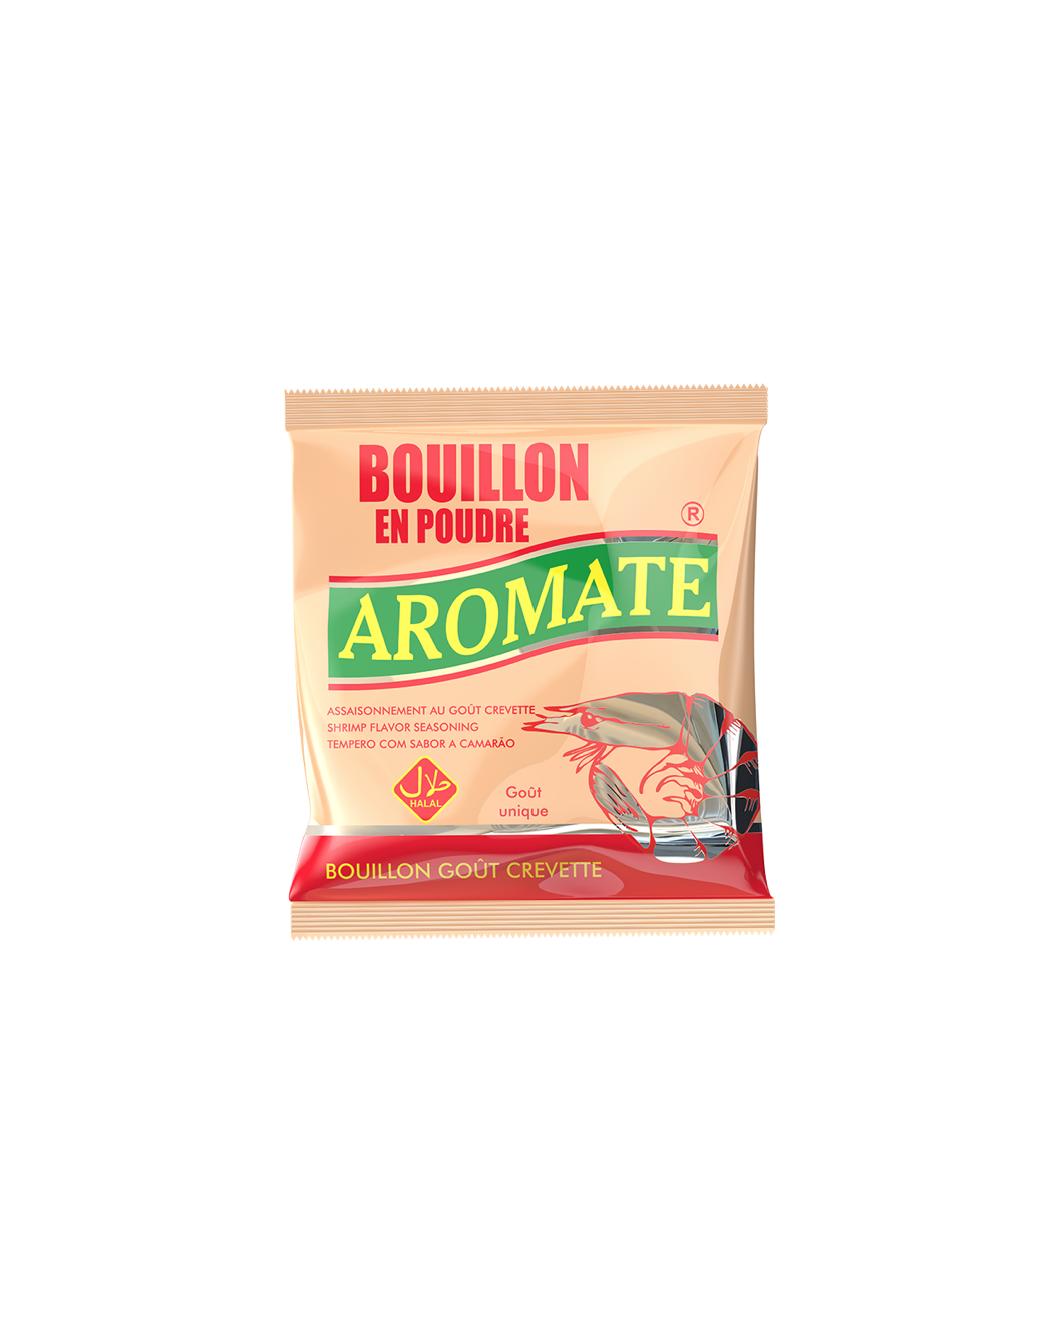 Bouillon AROMATE_Crevette Sachet 75g_Siprochim